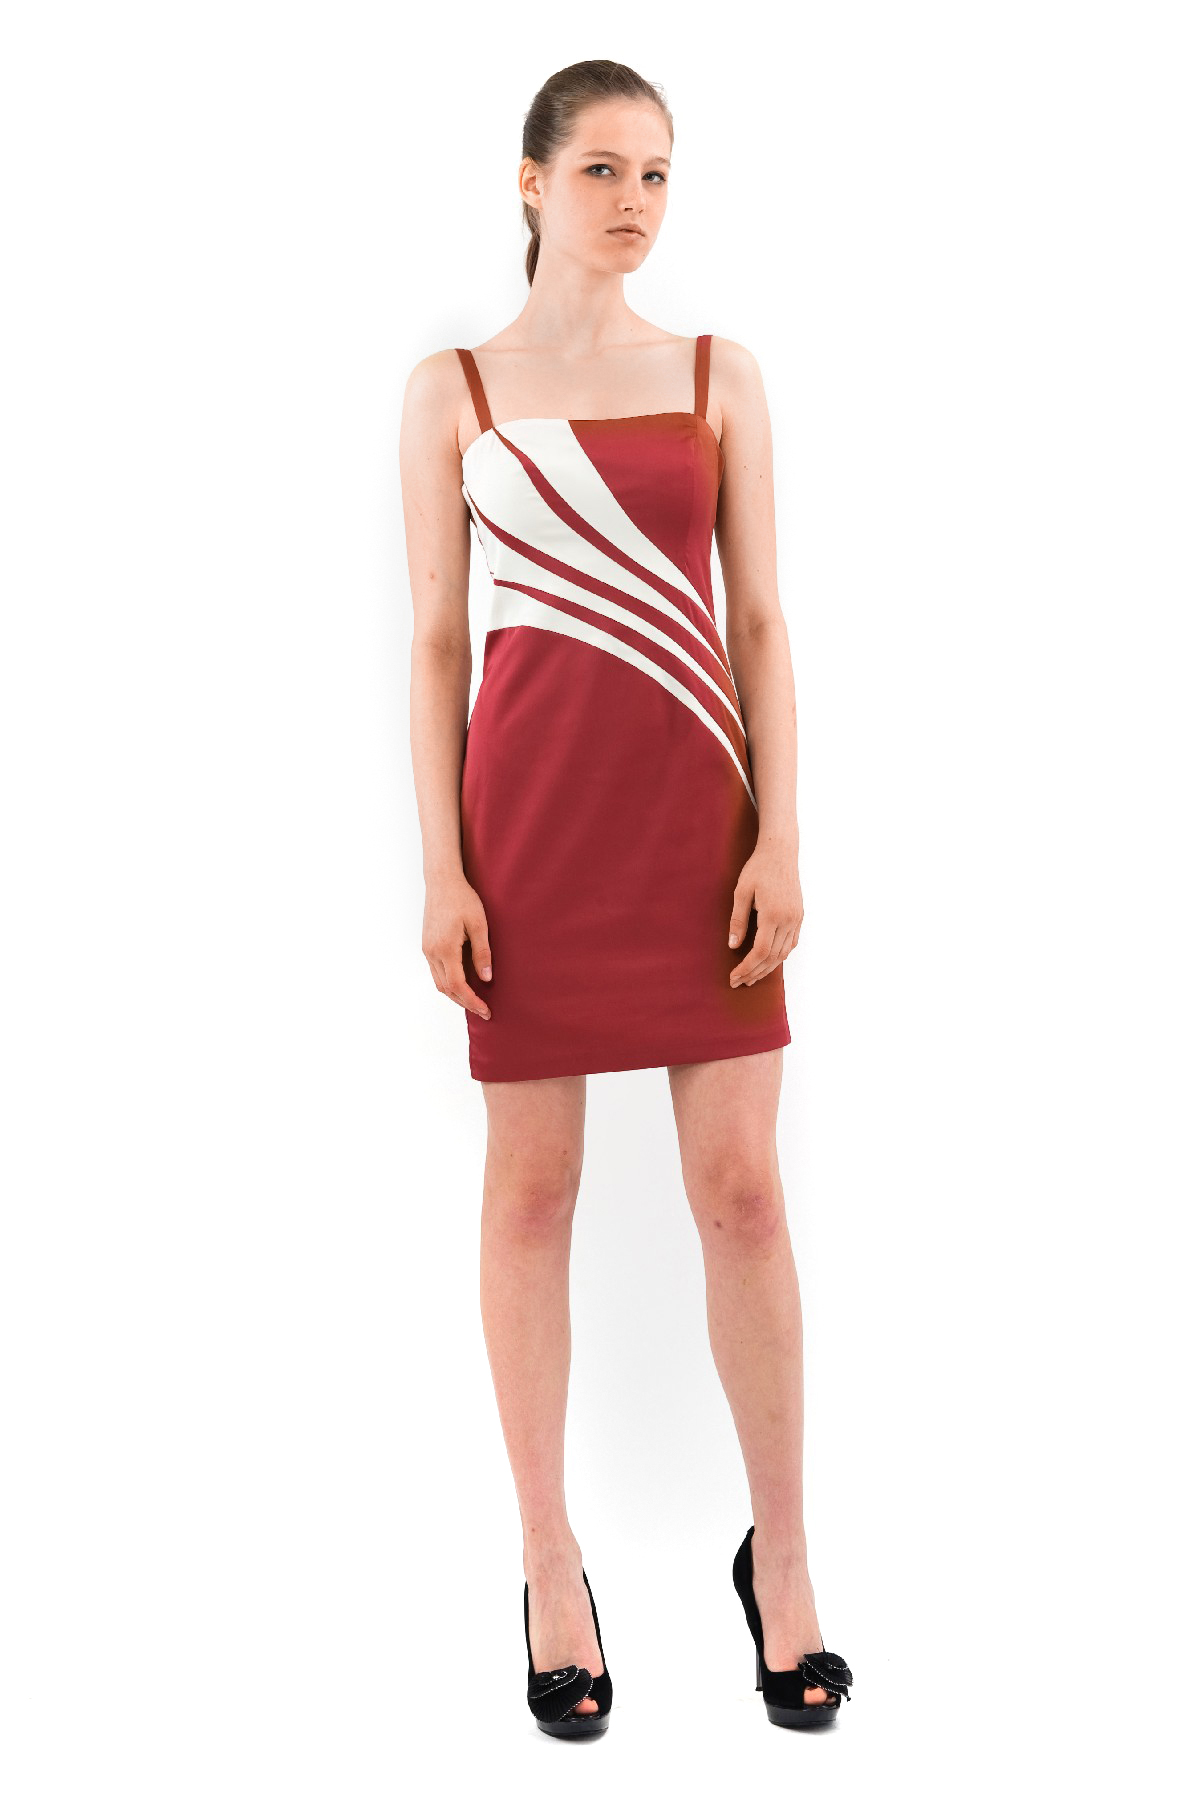 ПлатьеПлатья,  сарафаны<br>Поистине очаровательное, шикарное платье на бретельках. Великолепная модель приталенного силуэта подчеркивает все изгибы прелестной женской фигуры.<br><br>Цвет: бордовый,молочный<br>Состав: 100% полиэстер, подкладка-100% полиэстер<br>Размер: 42<br>Страна дизайна: Россия<br>Страна производства: Россия